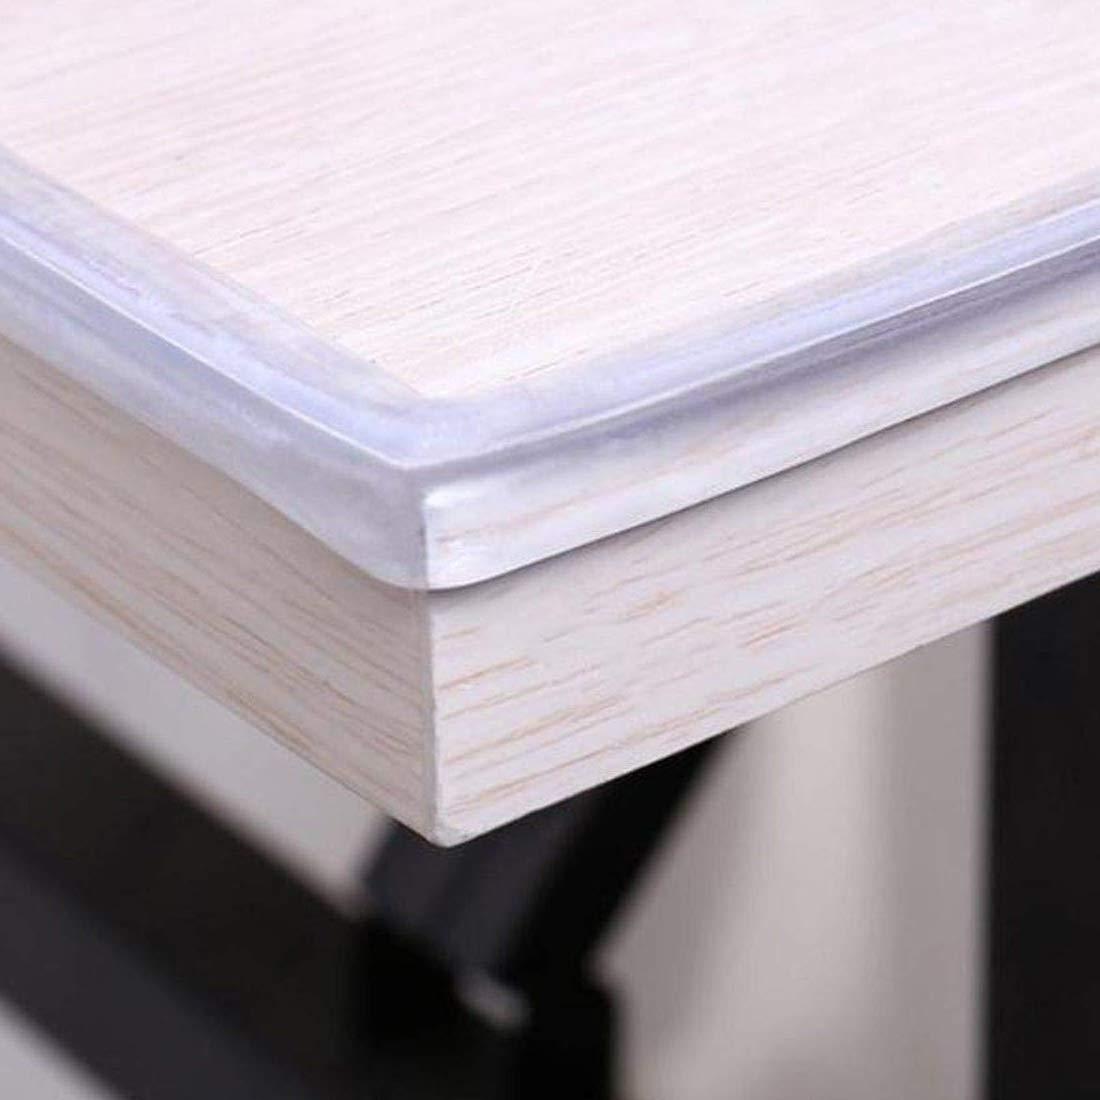 Arbeitsplatten Tischkantenschutz f/ür Tische 6 Meter Kantenschutz Transparent f/ür Baby Kinder Schutz Kommoden Bogeer Kantenschutz Baby